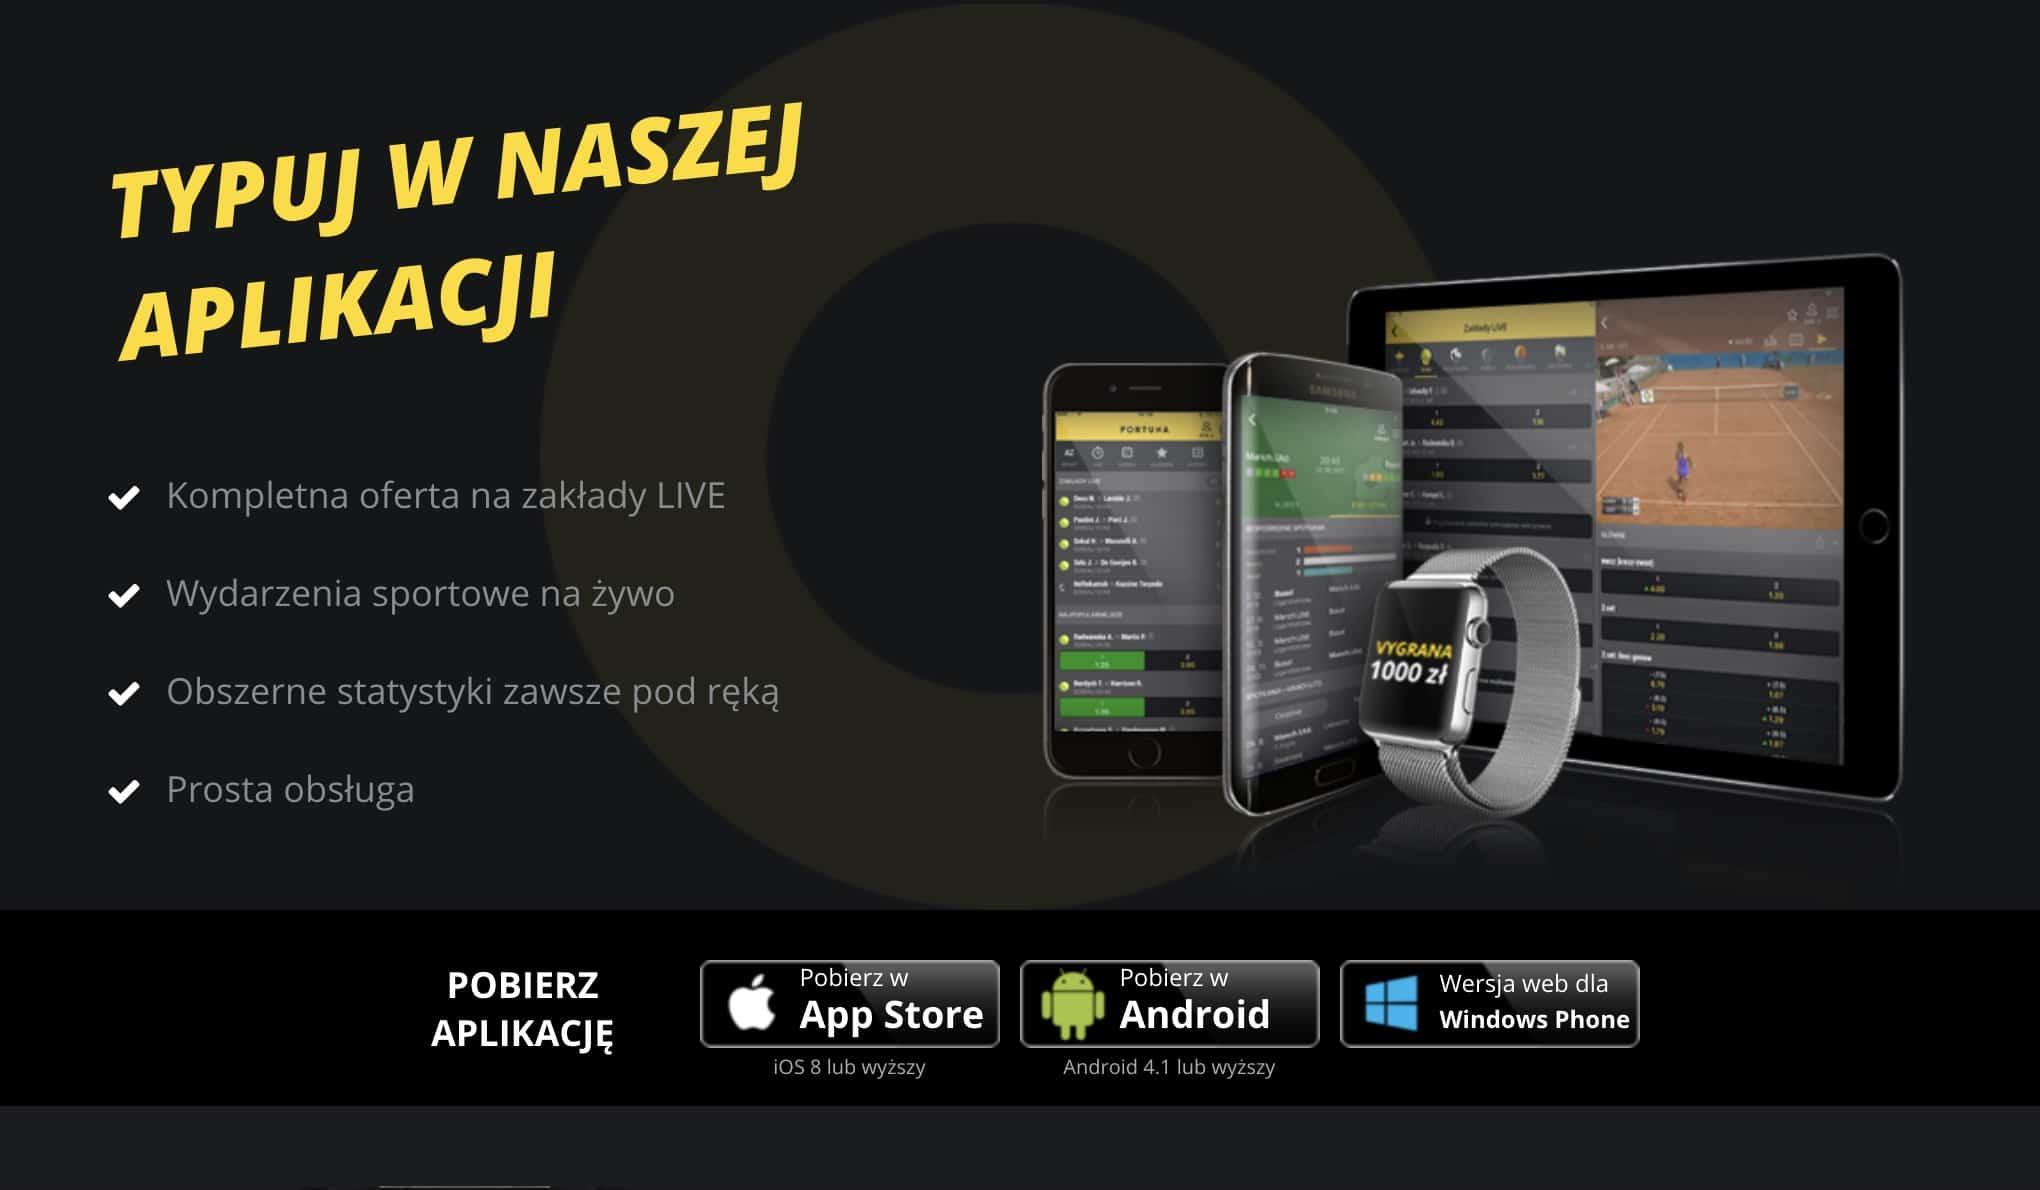 Fortuna aplikacja mobilna. Jakie opinie graczy?